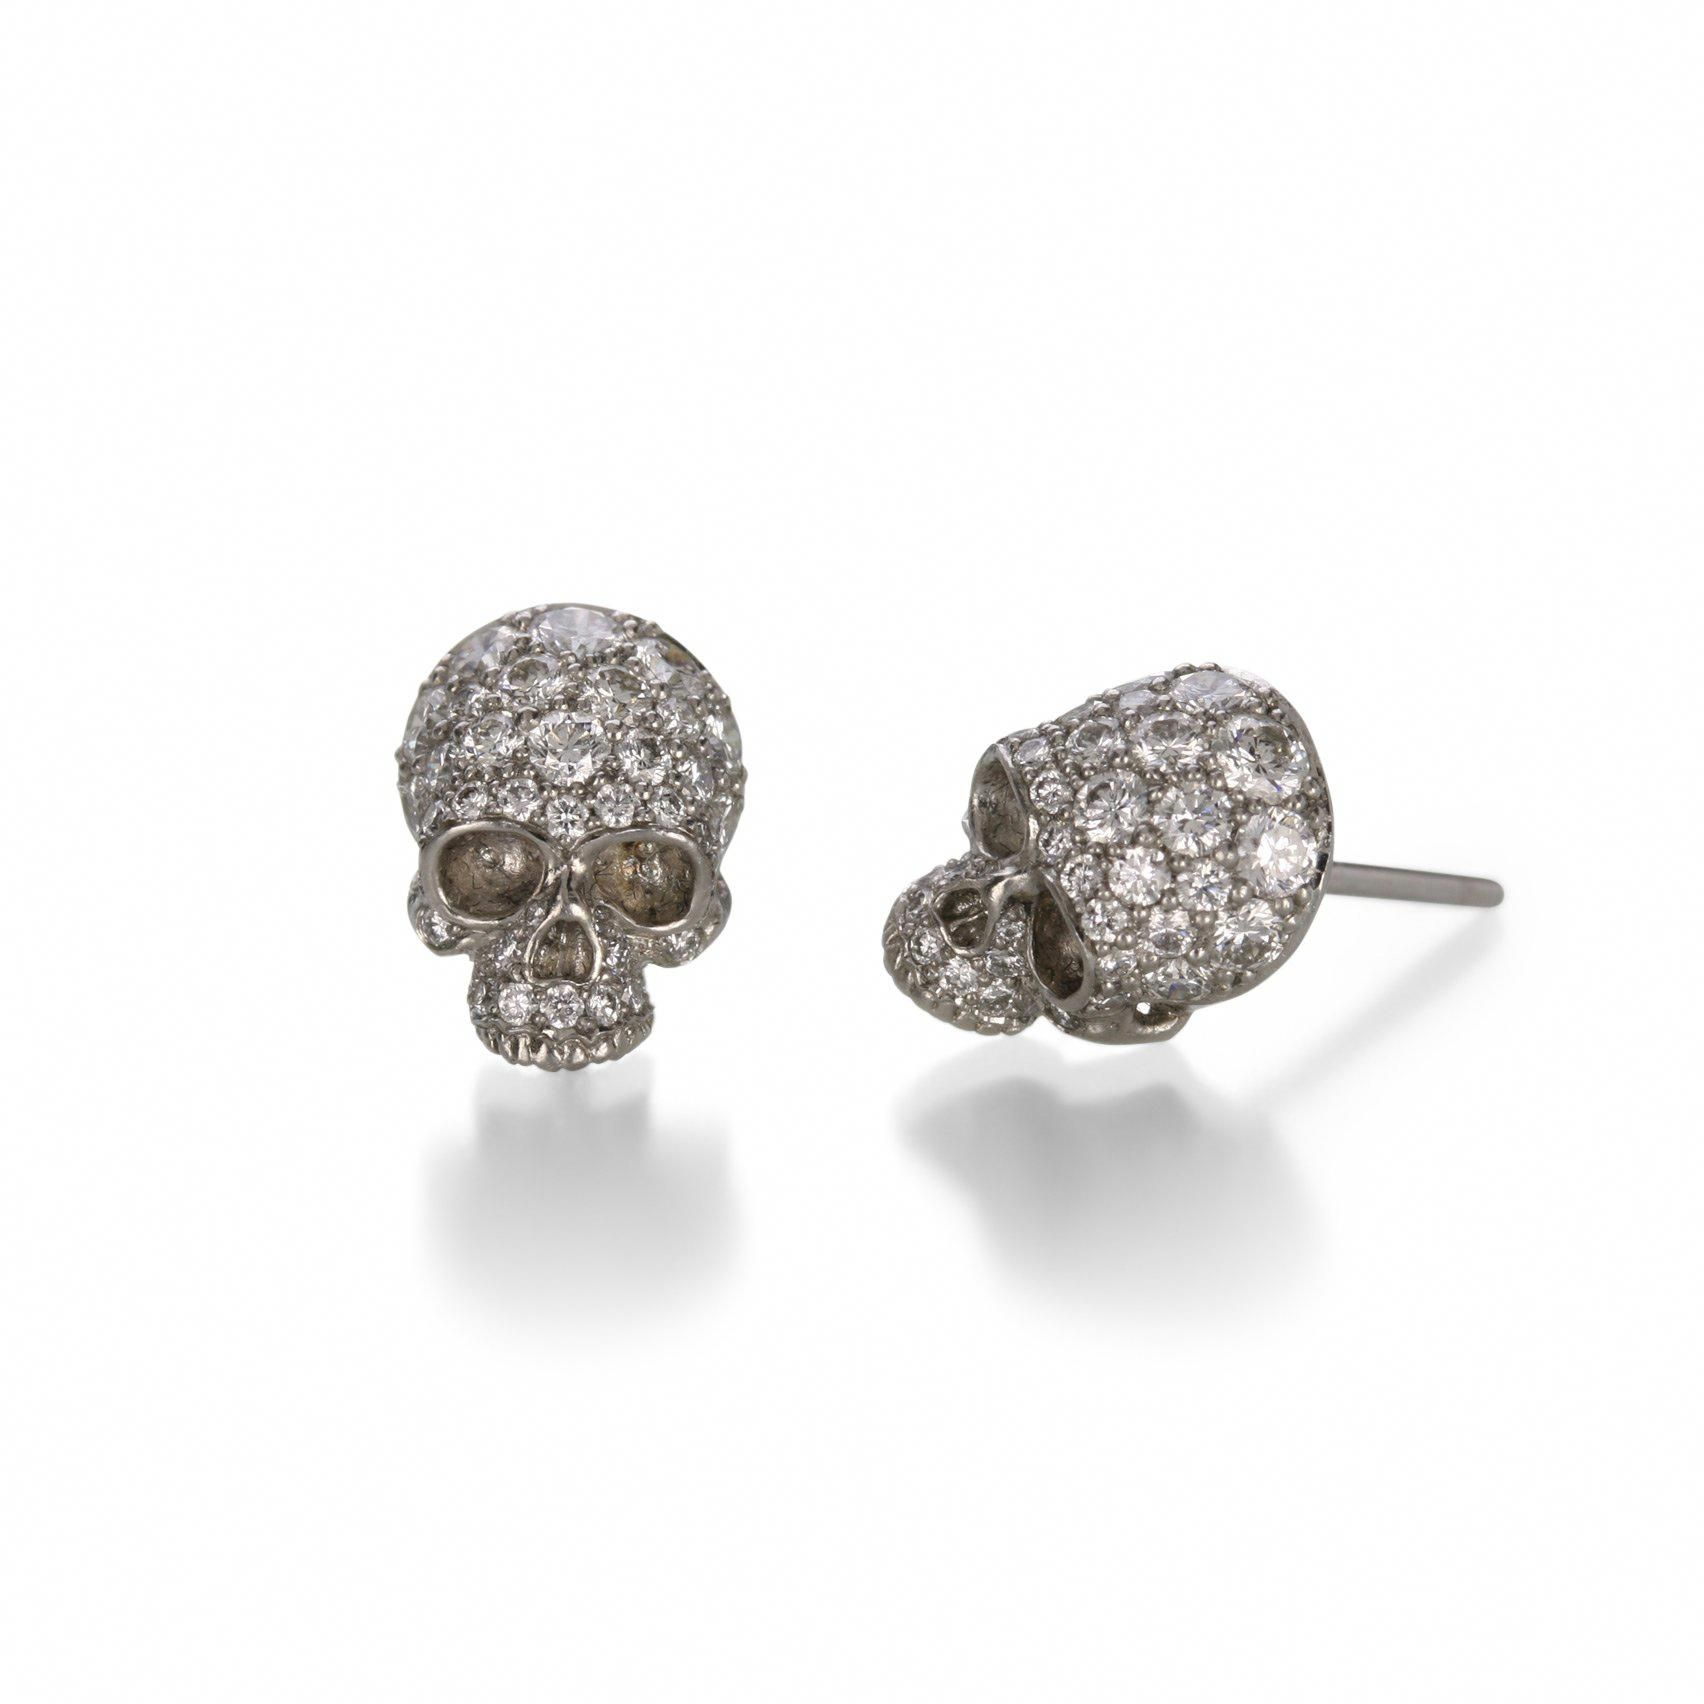 Pave Diamond Skull Stud Earrings Diamondstudearrings Diamondstufearrings